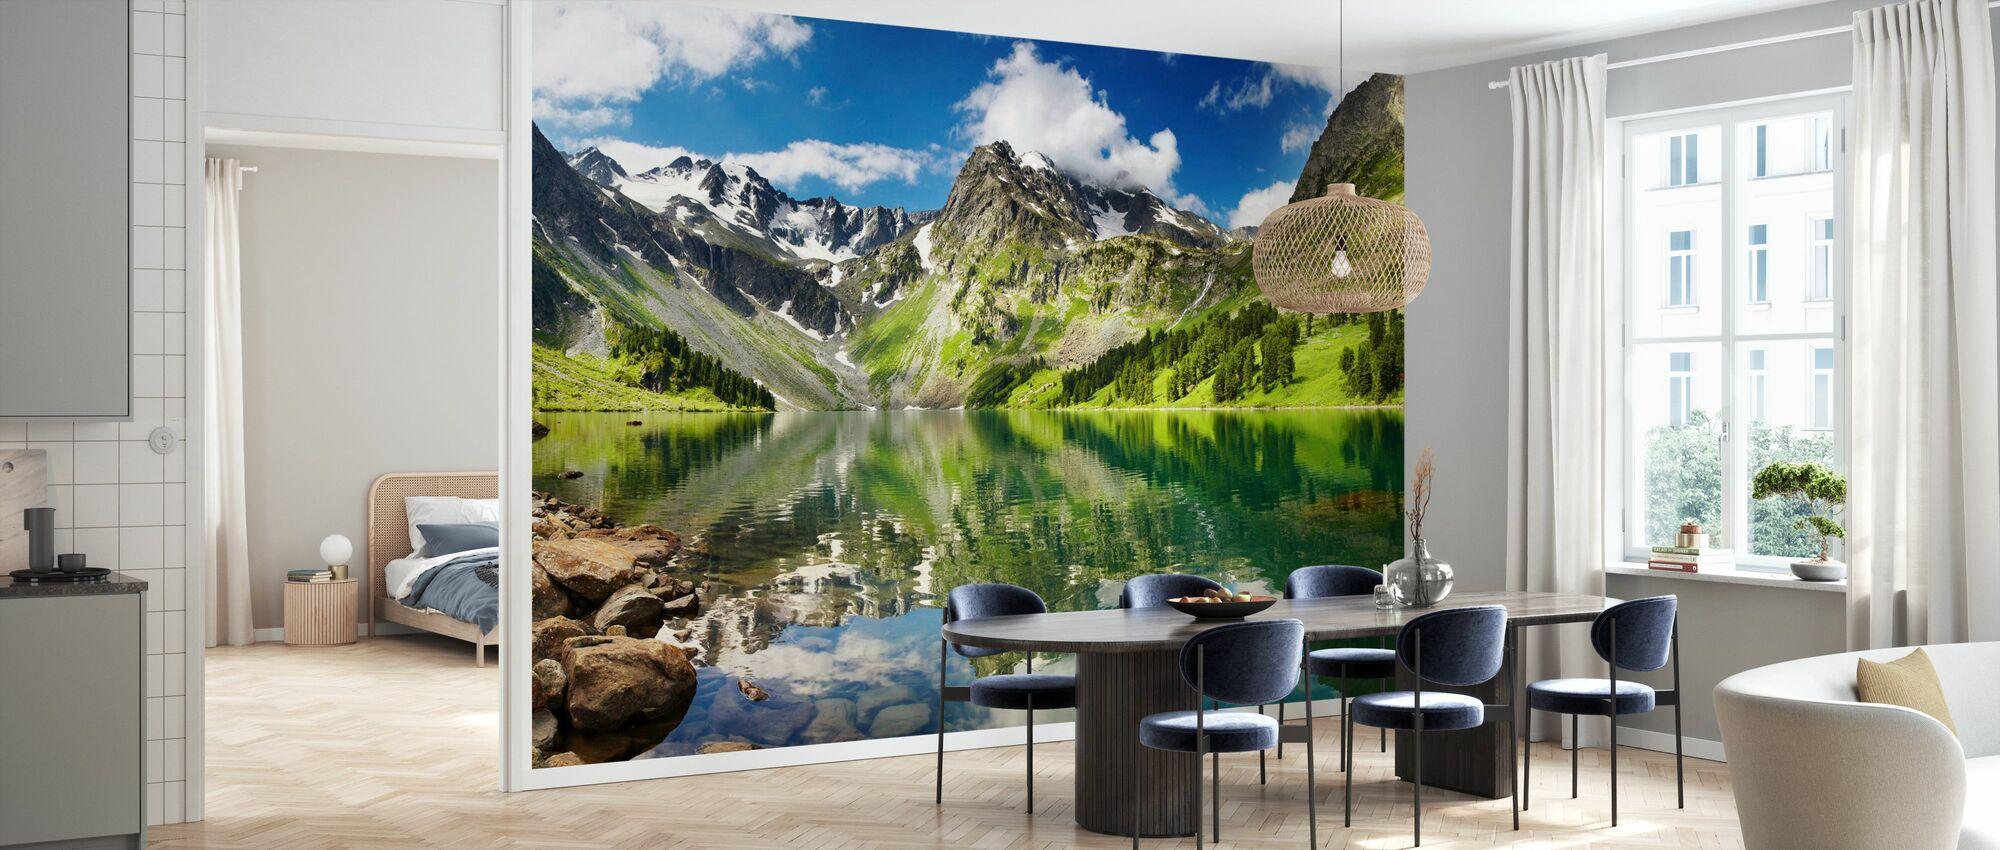 Mountain Lake - Wallpaper - Kitchen